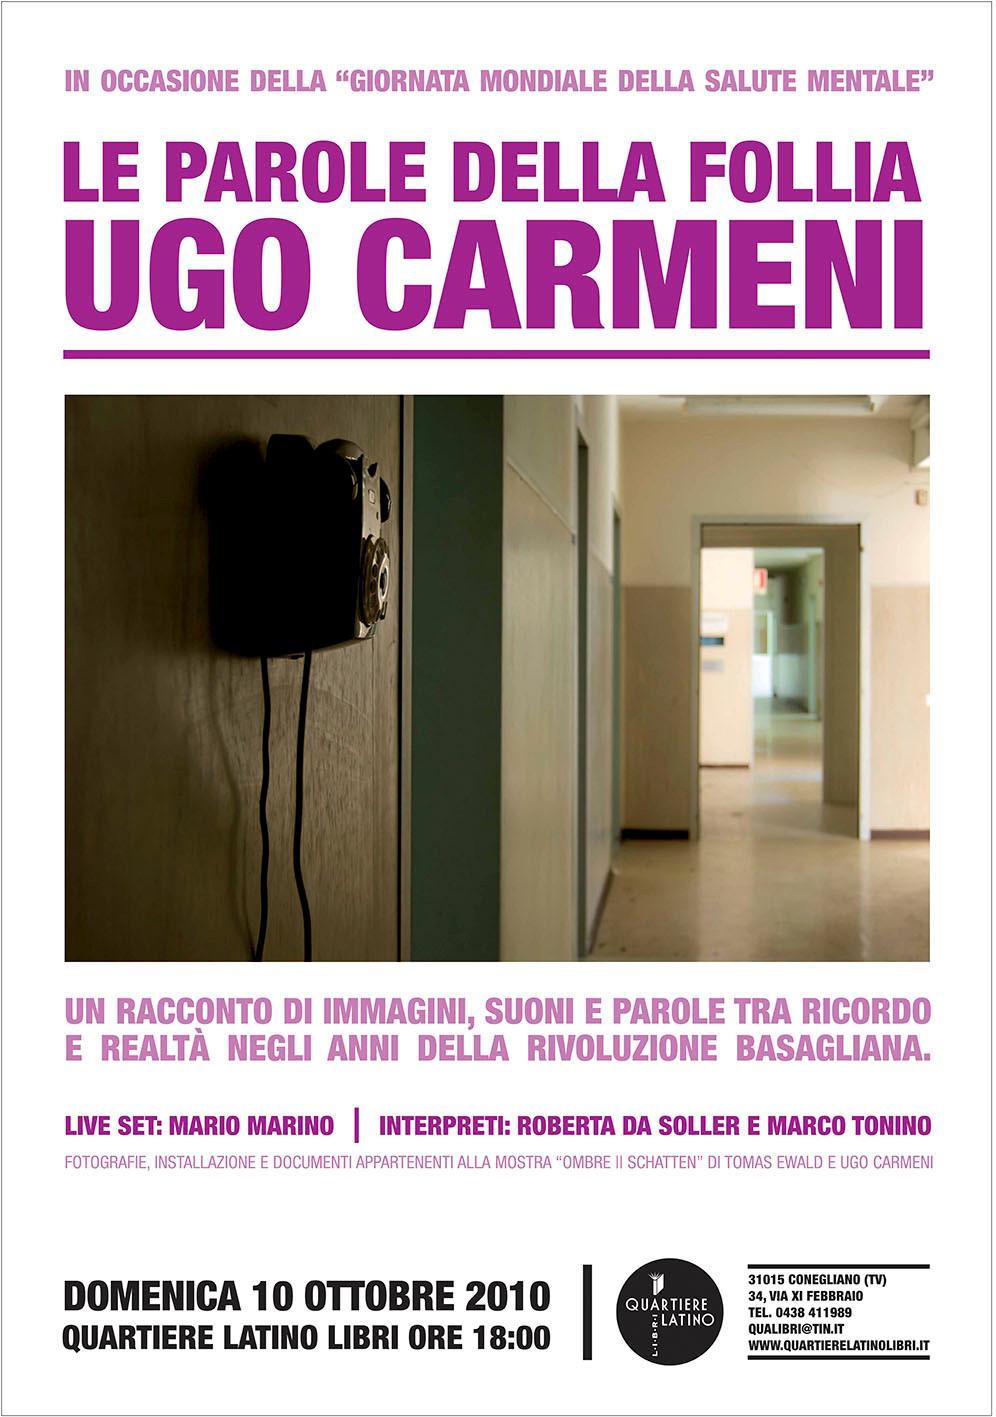 Poster of the event - Le parole della follia